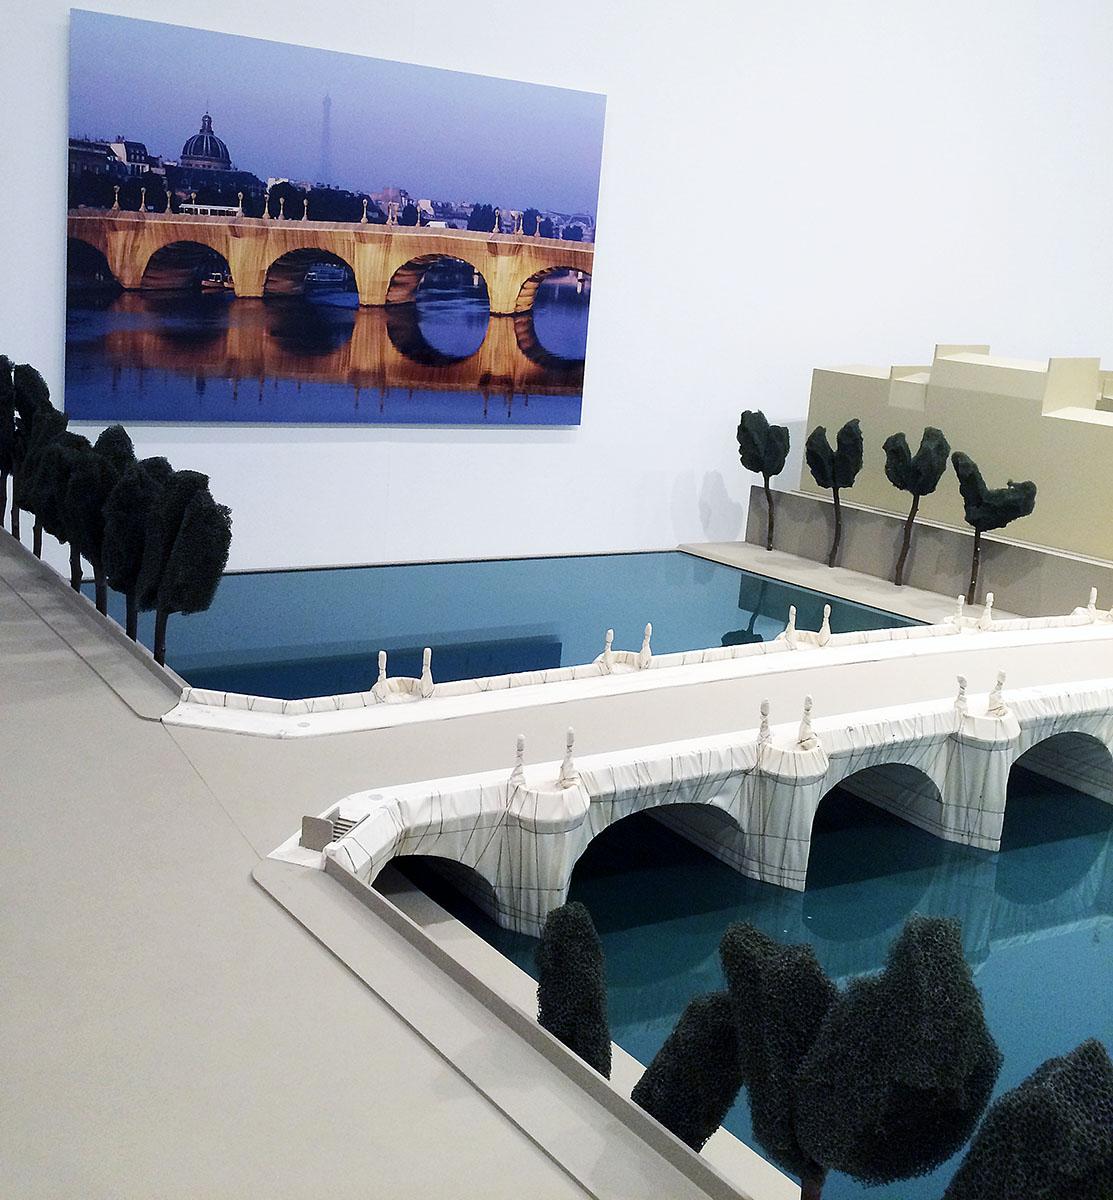 39. В одном из залов комплекса проходила выставка американского скульптора и художника болгарского п